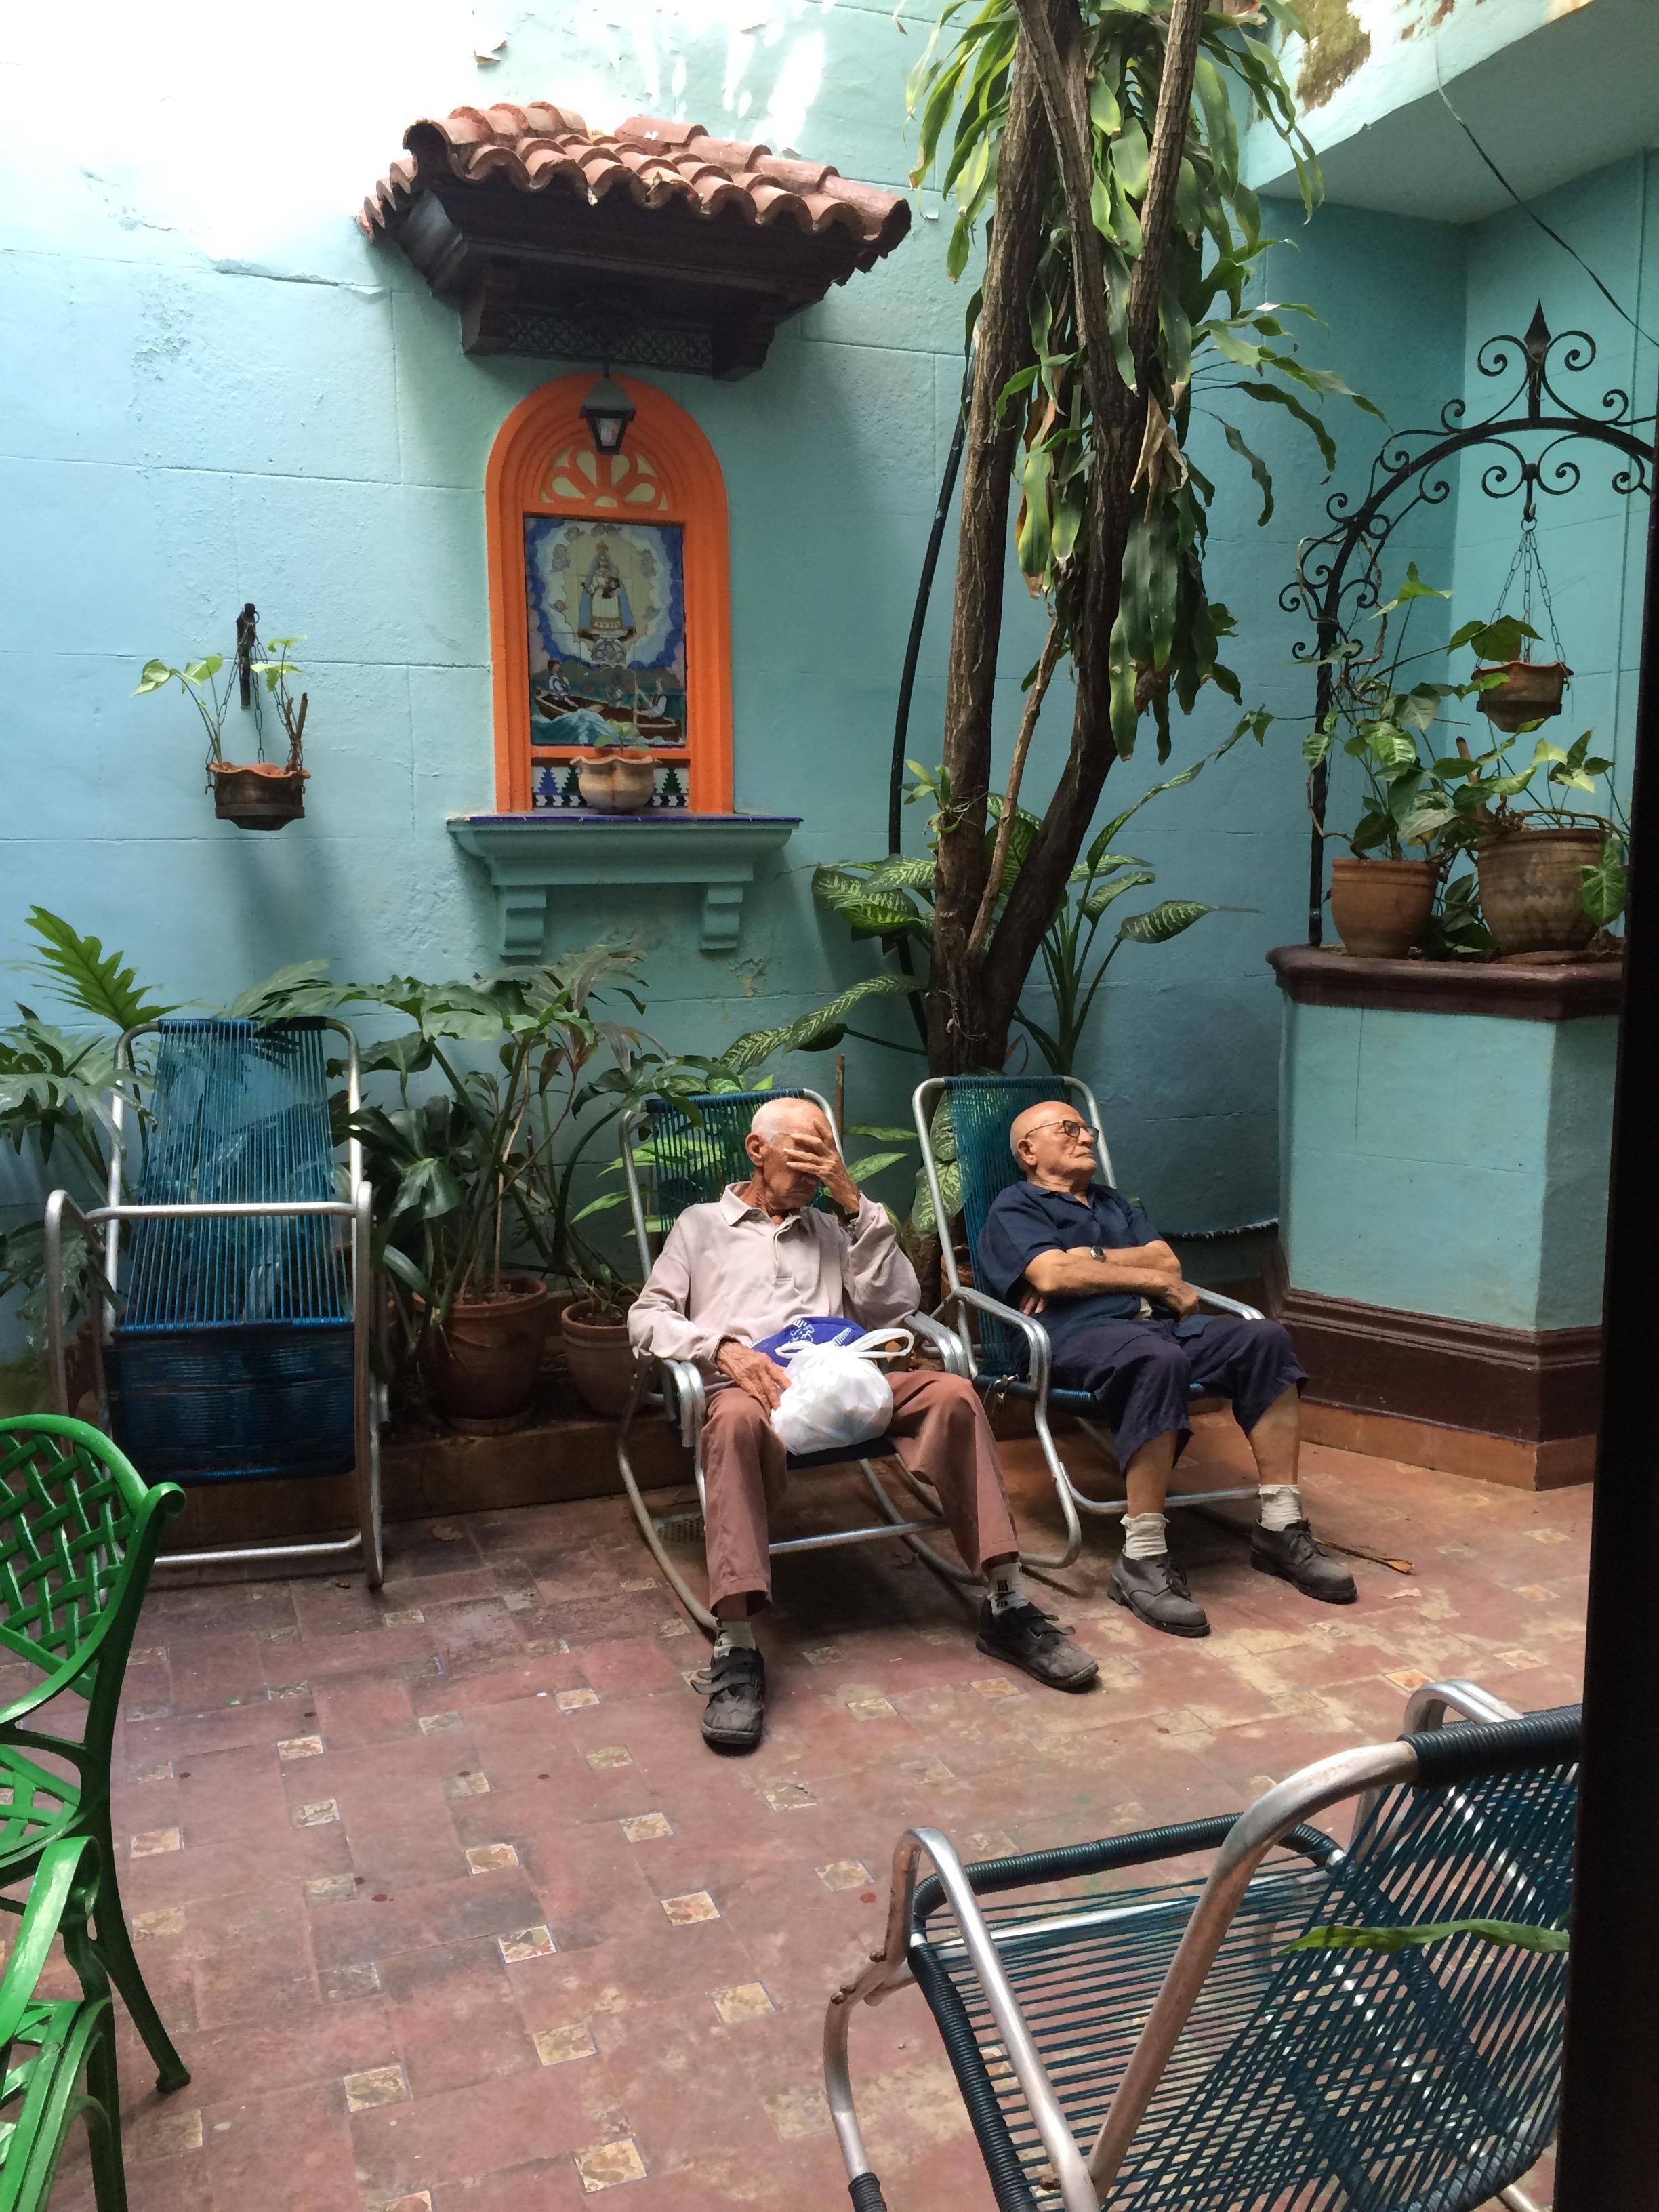 An elders' day center